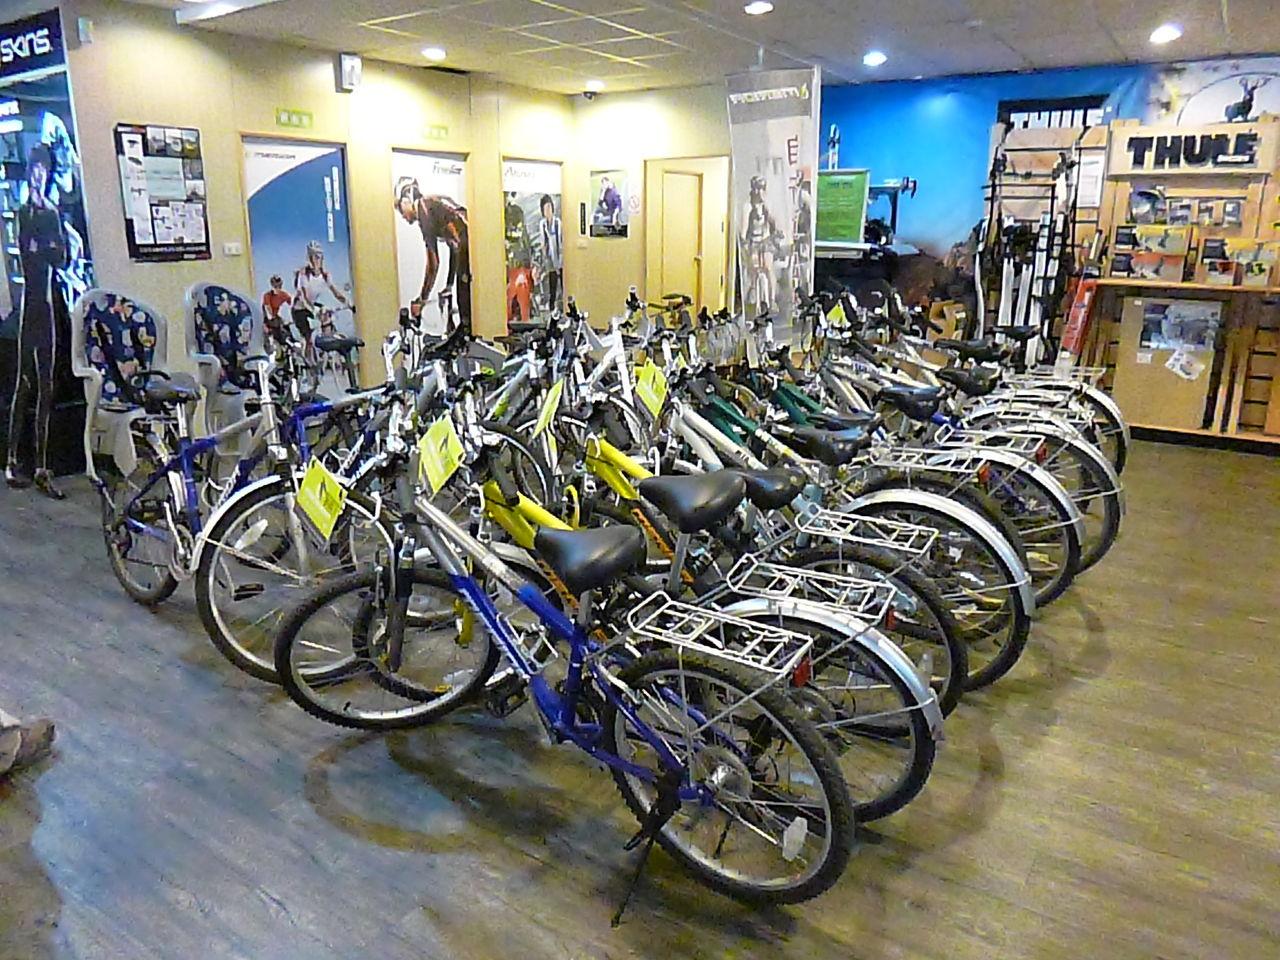 自転車の 自転車 藤沢 ショップ : ... 2nd : SBC湘南藤沢店のブログ